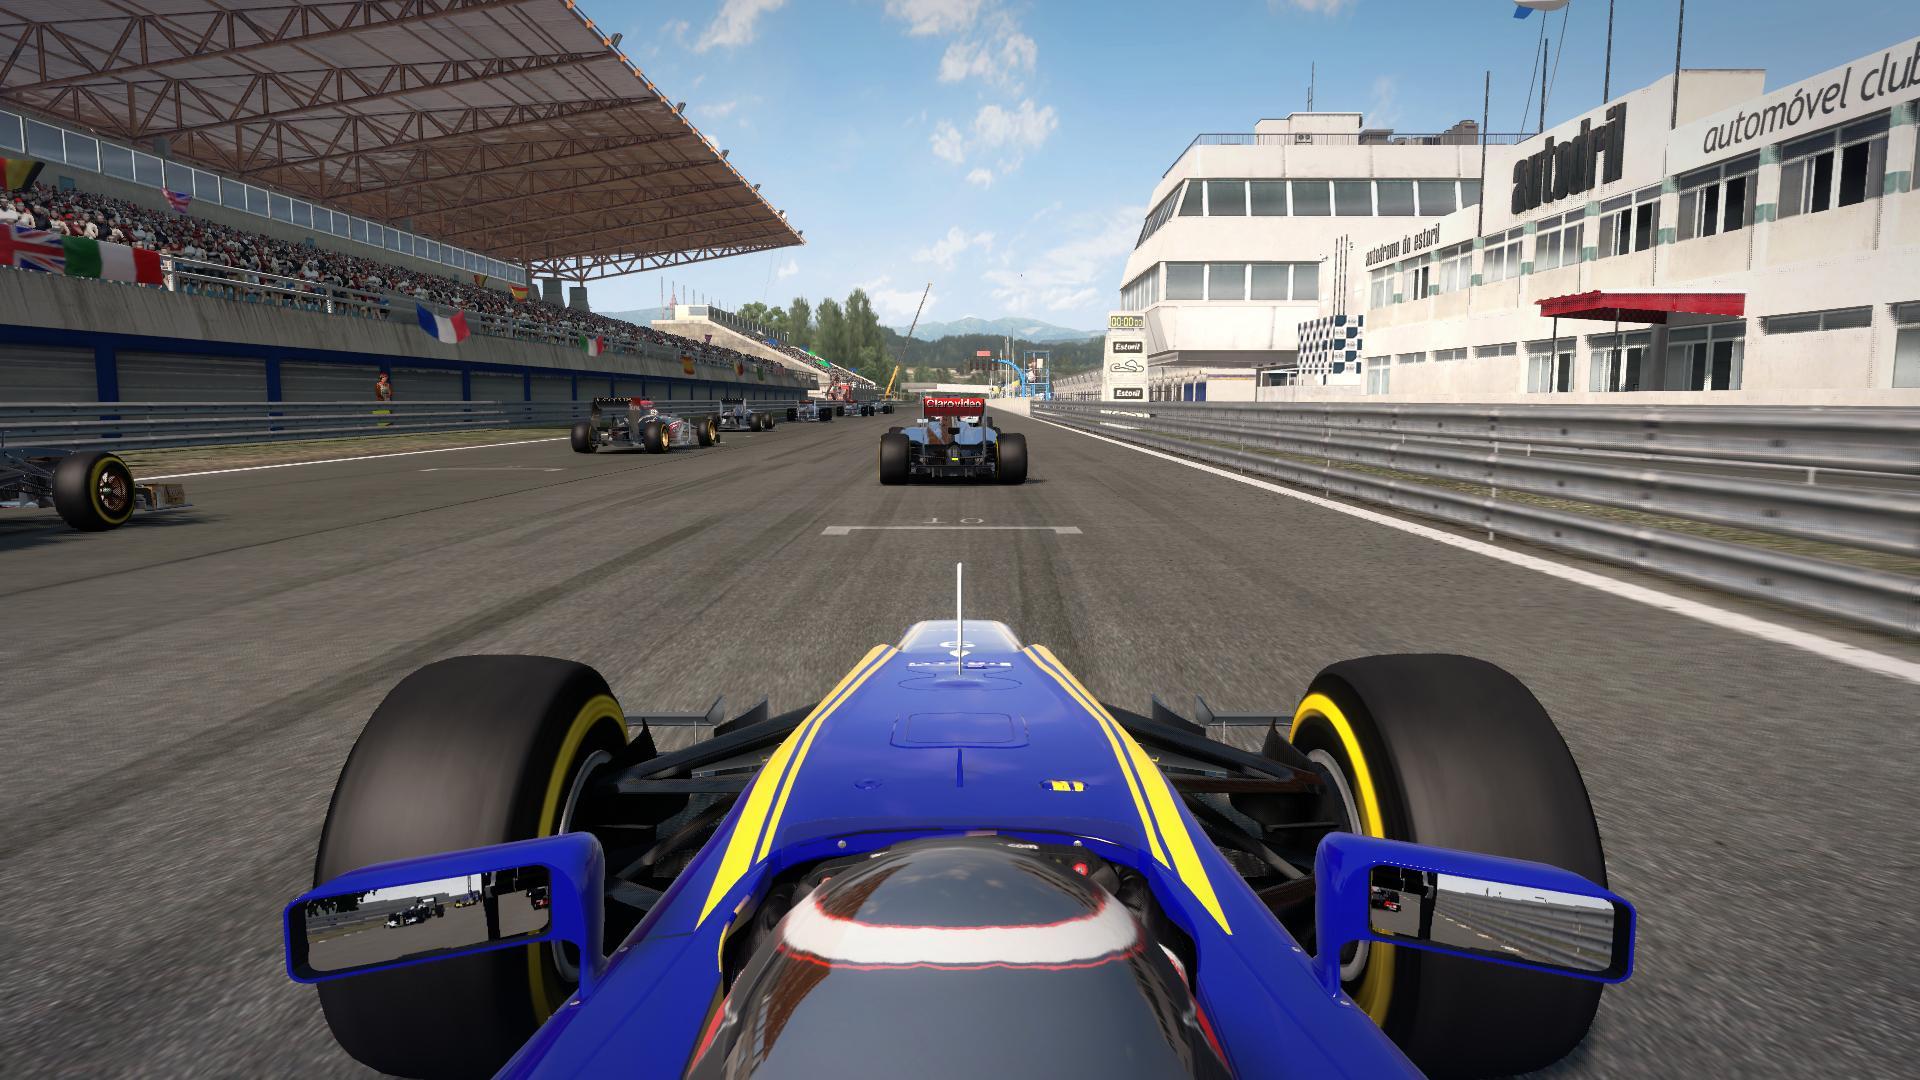 F1_2013 2017-05-06 16-17-56-89.jpg